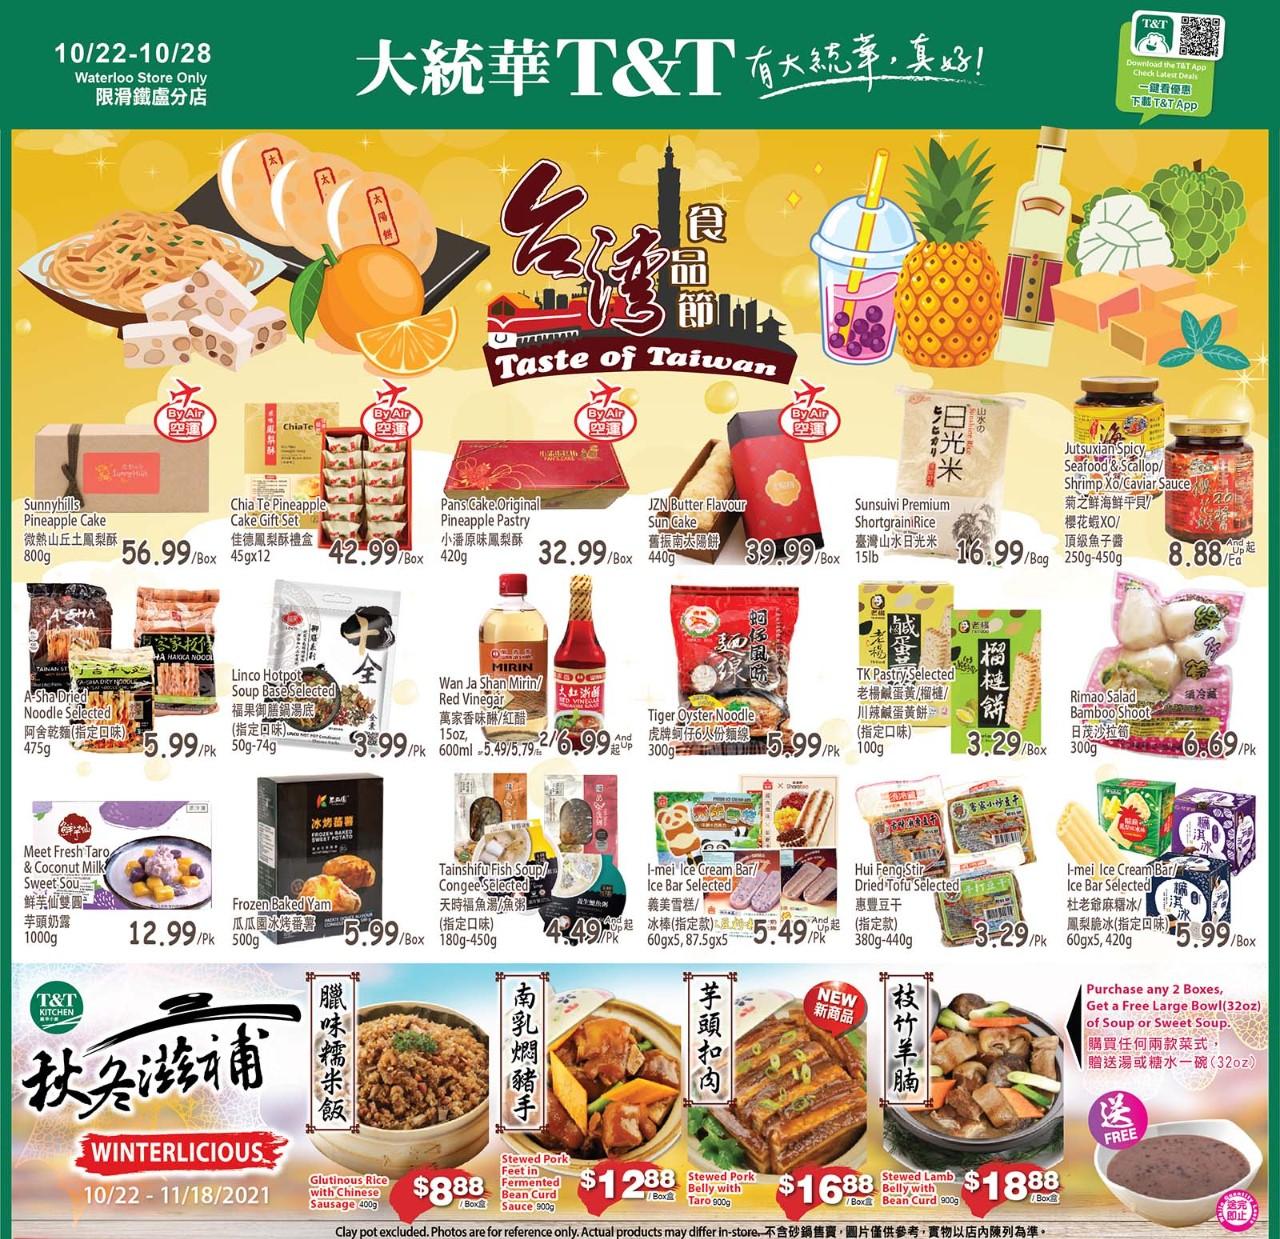 TNT Supermarket Waterloo Flyer   Oct 22